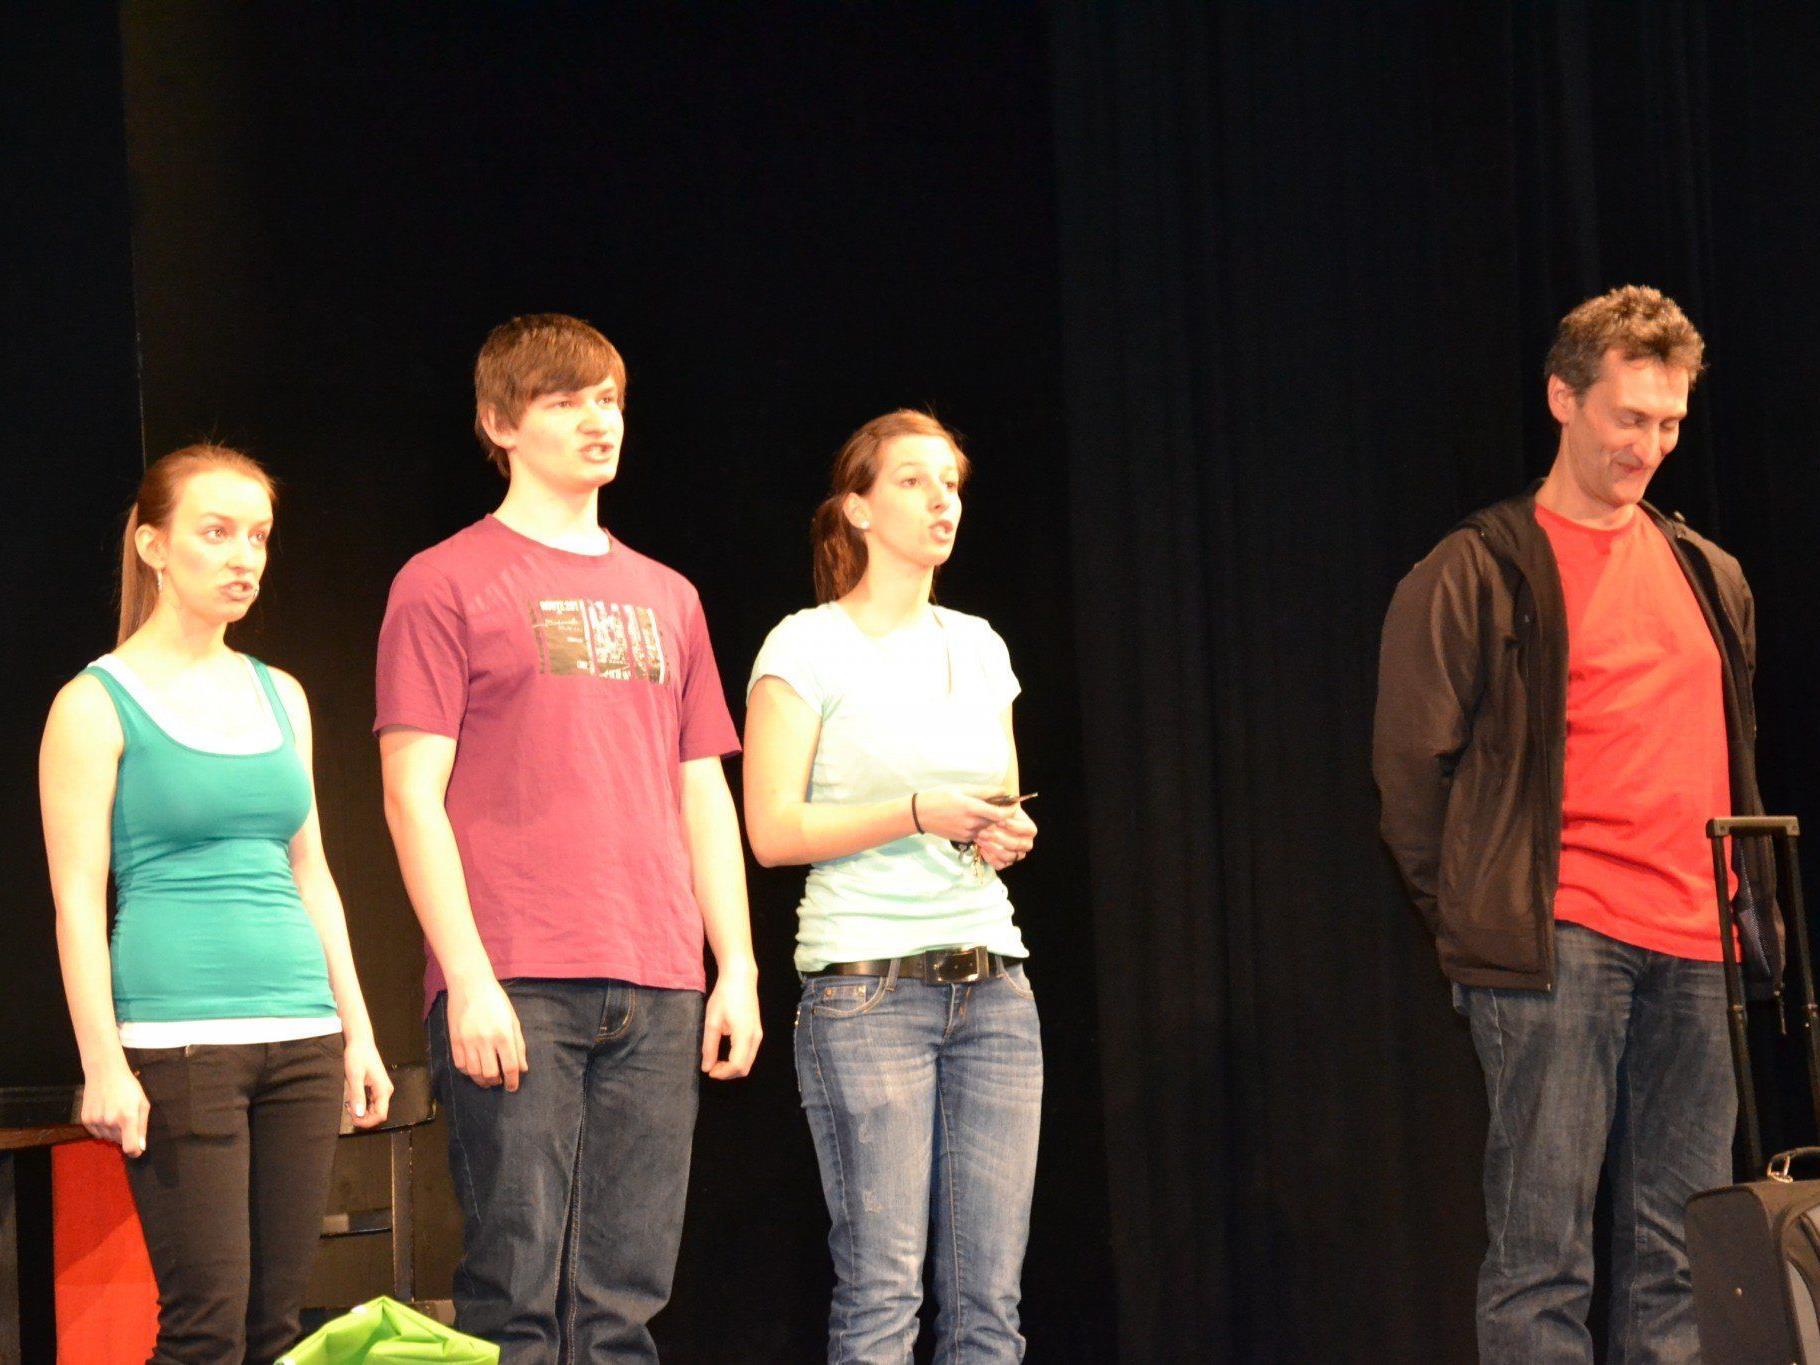 Lisa, Benedikt, Teresa & Georg Marte unterhielten das Publikum mit dem neuen Programm